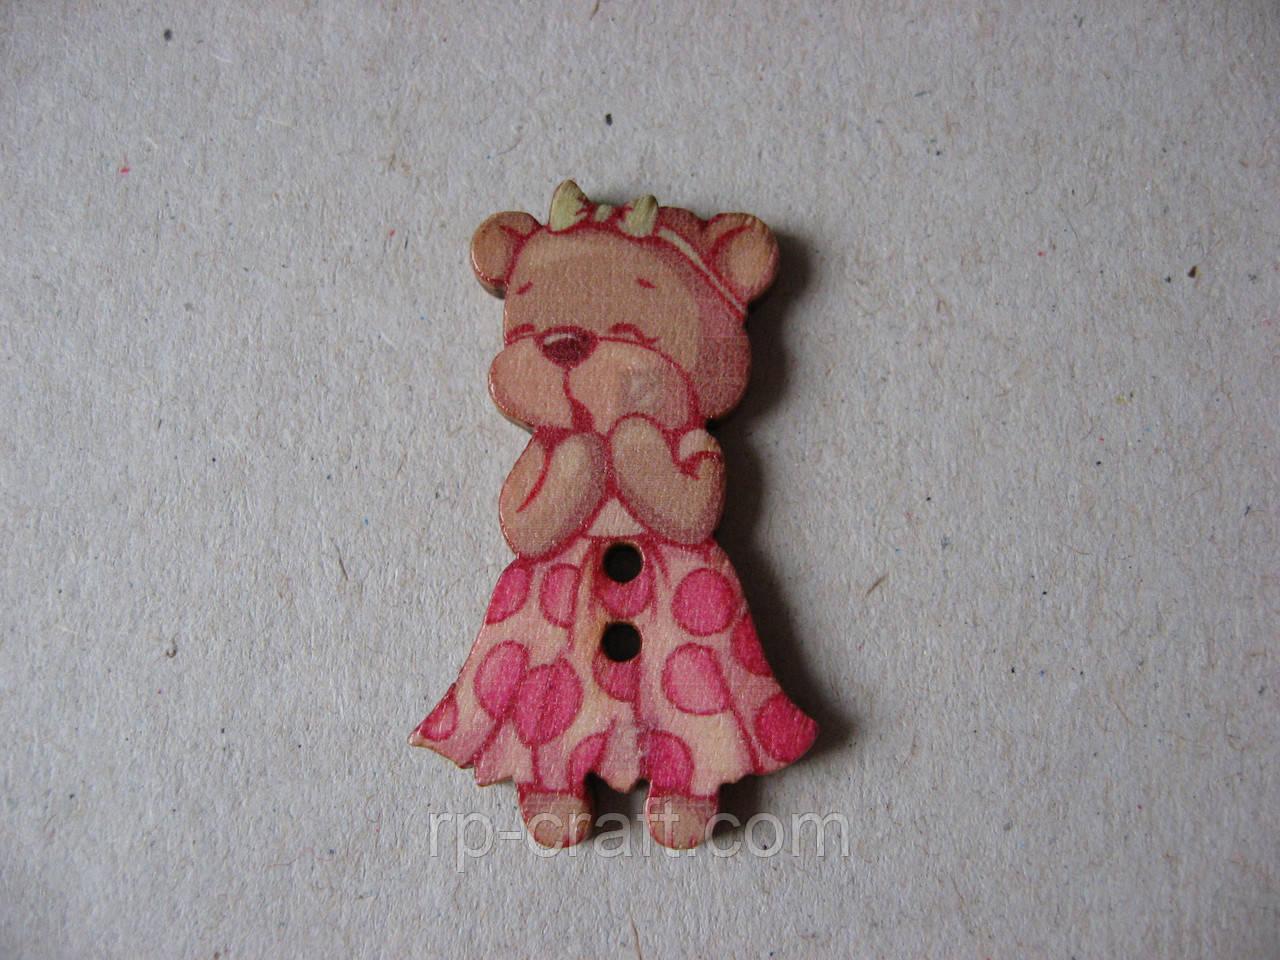 Гудзик дерев'яна яний, декоративний. Ведмежа в одежі, 21х34 мм